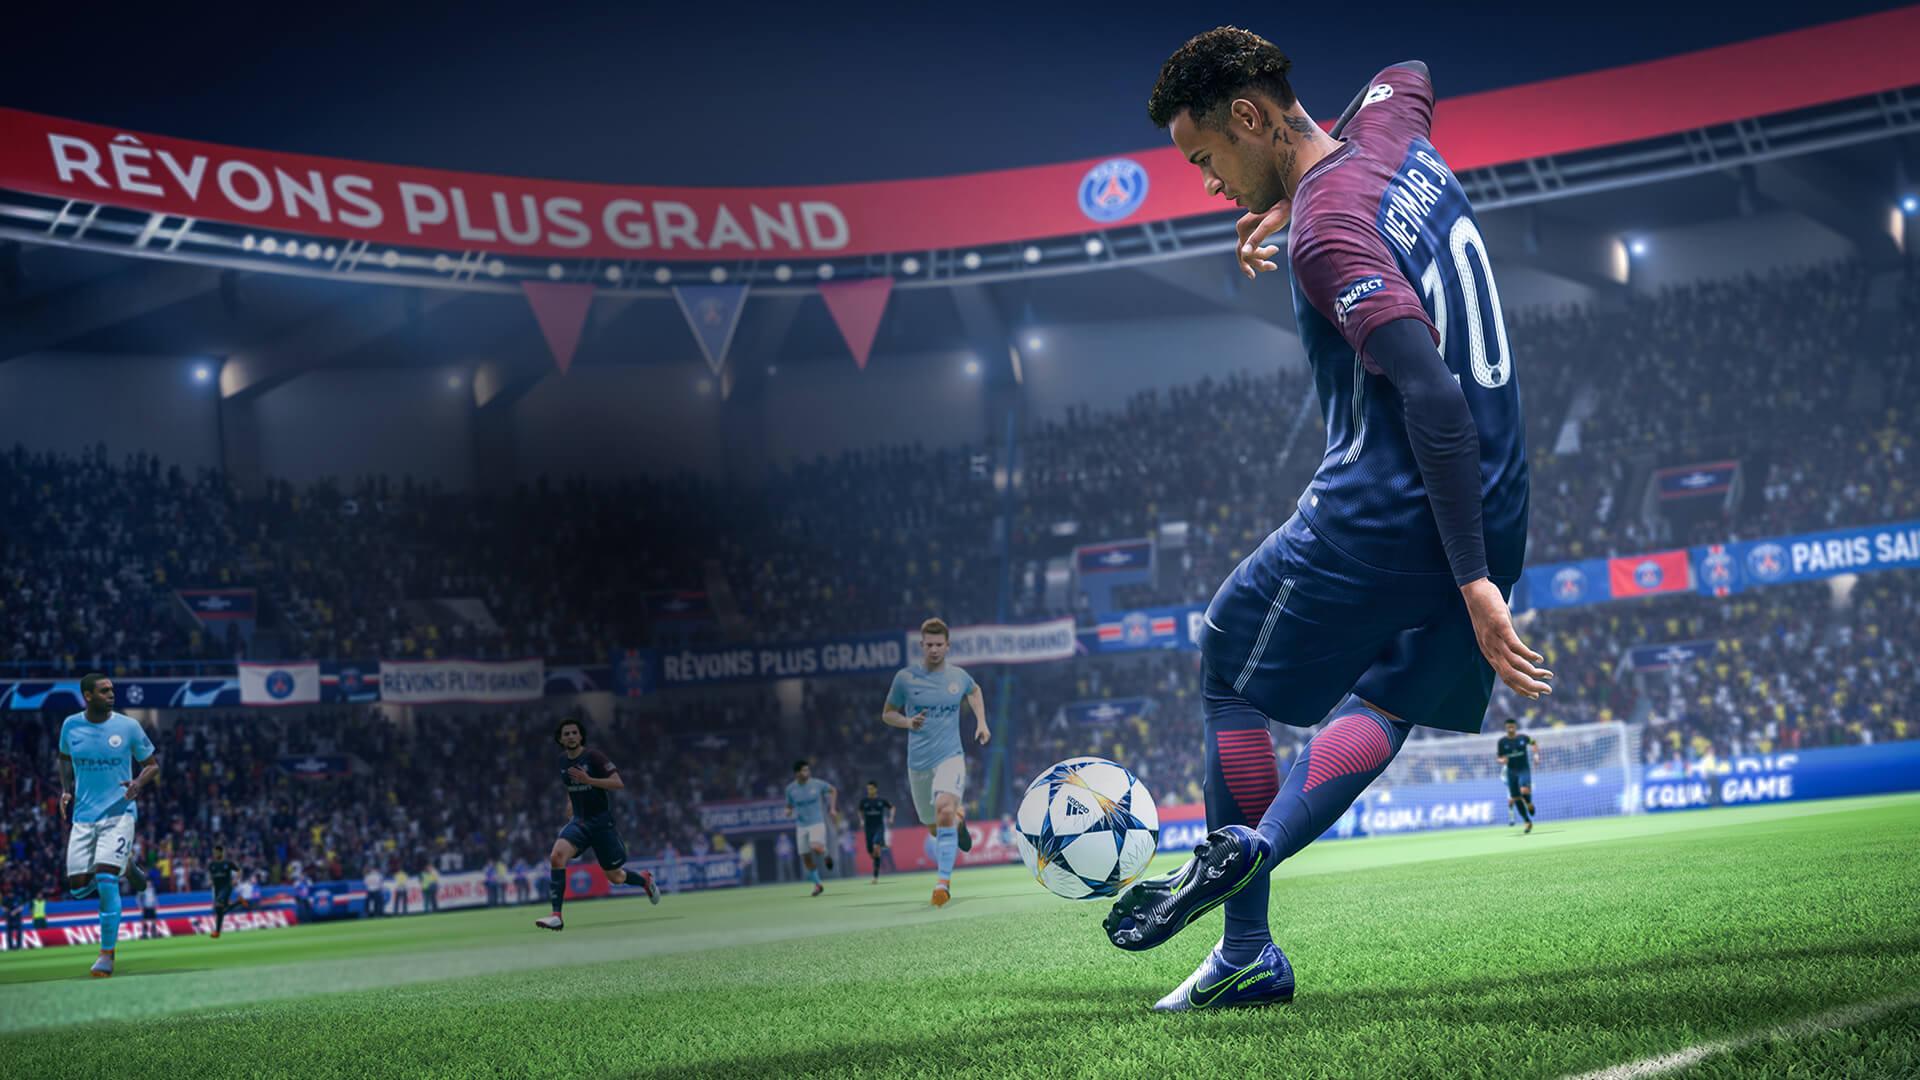 فیفا ۲۰۲۰ (FIFA 2020)